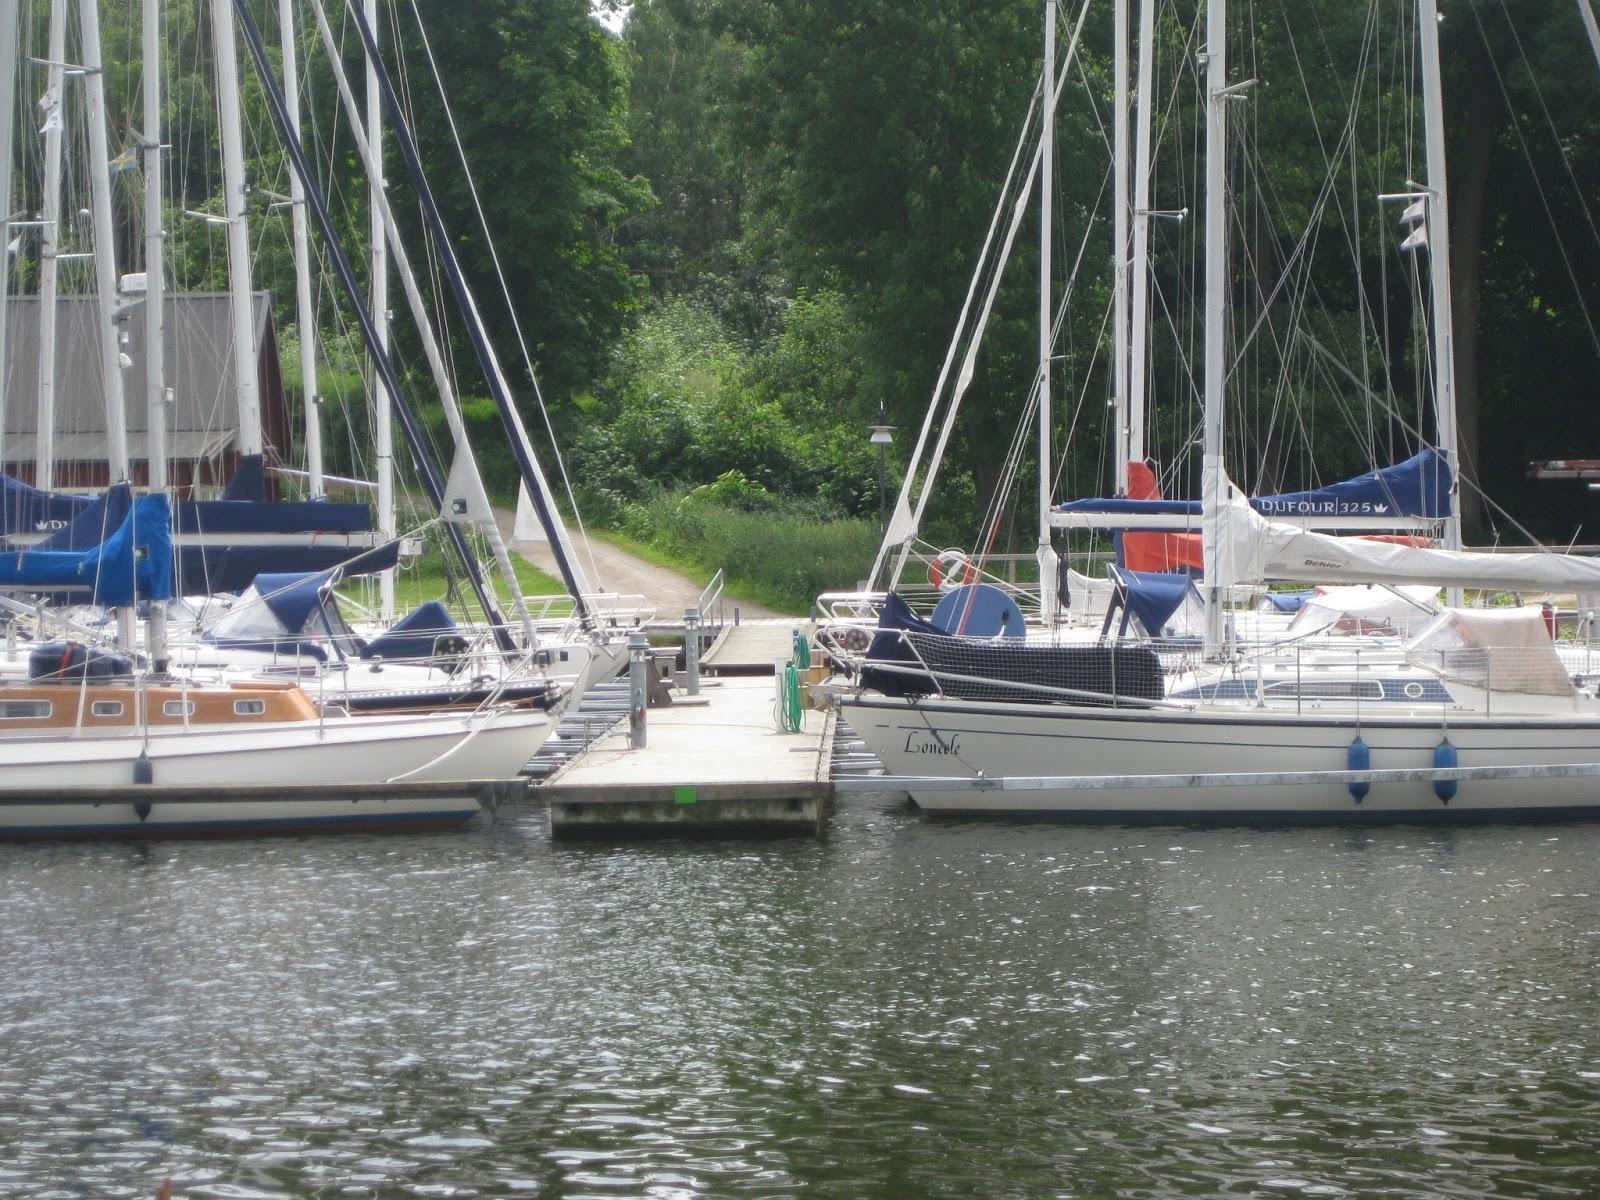 image of bay in Åhus, Sweden